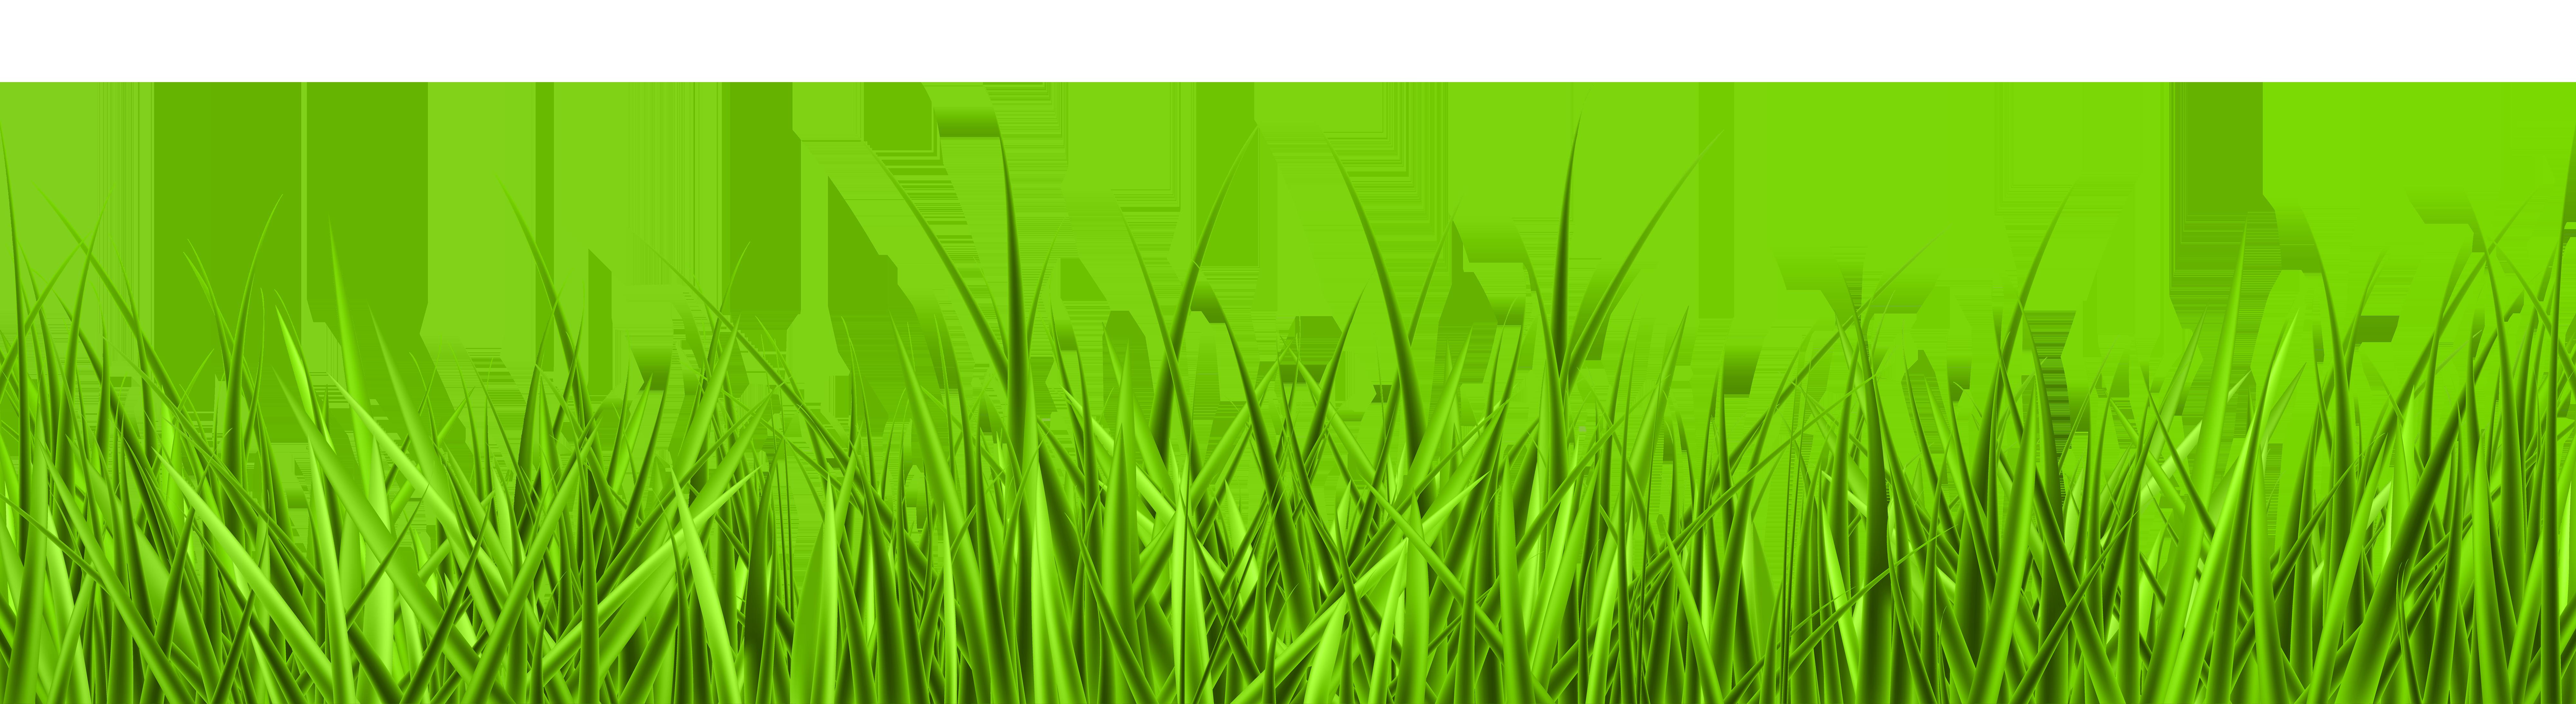 Png clip art image. Clipart grass fodder